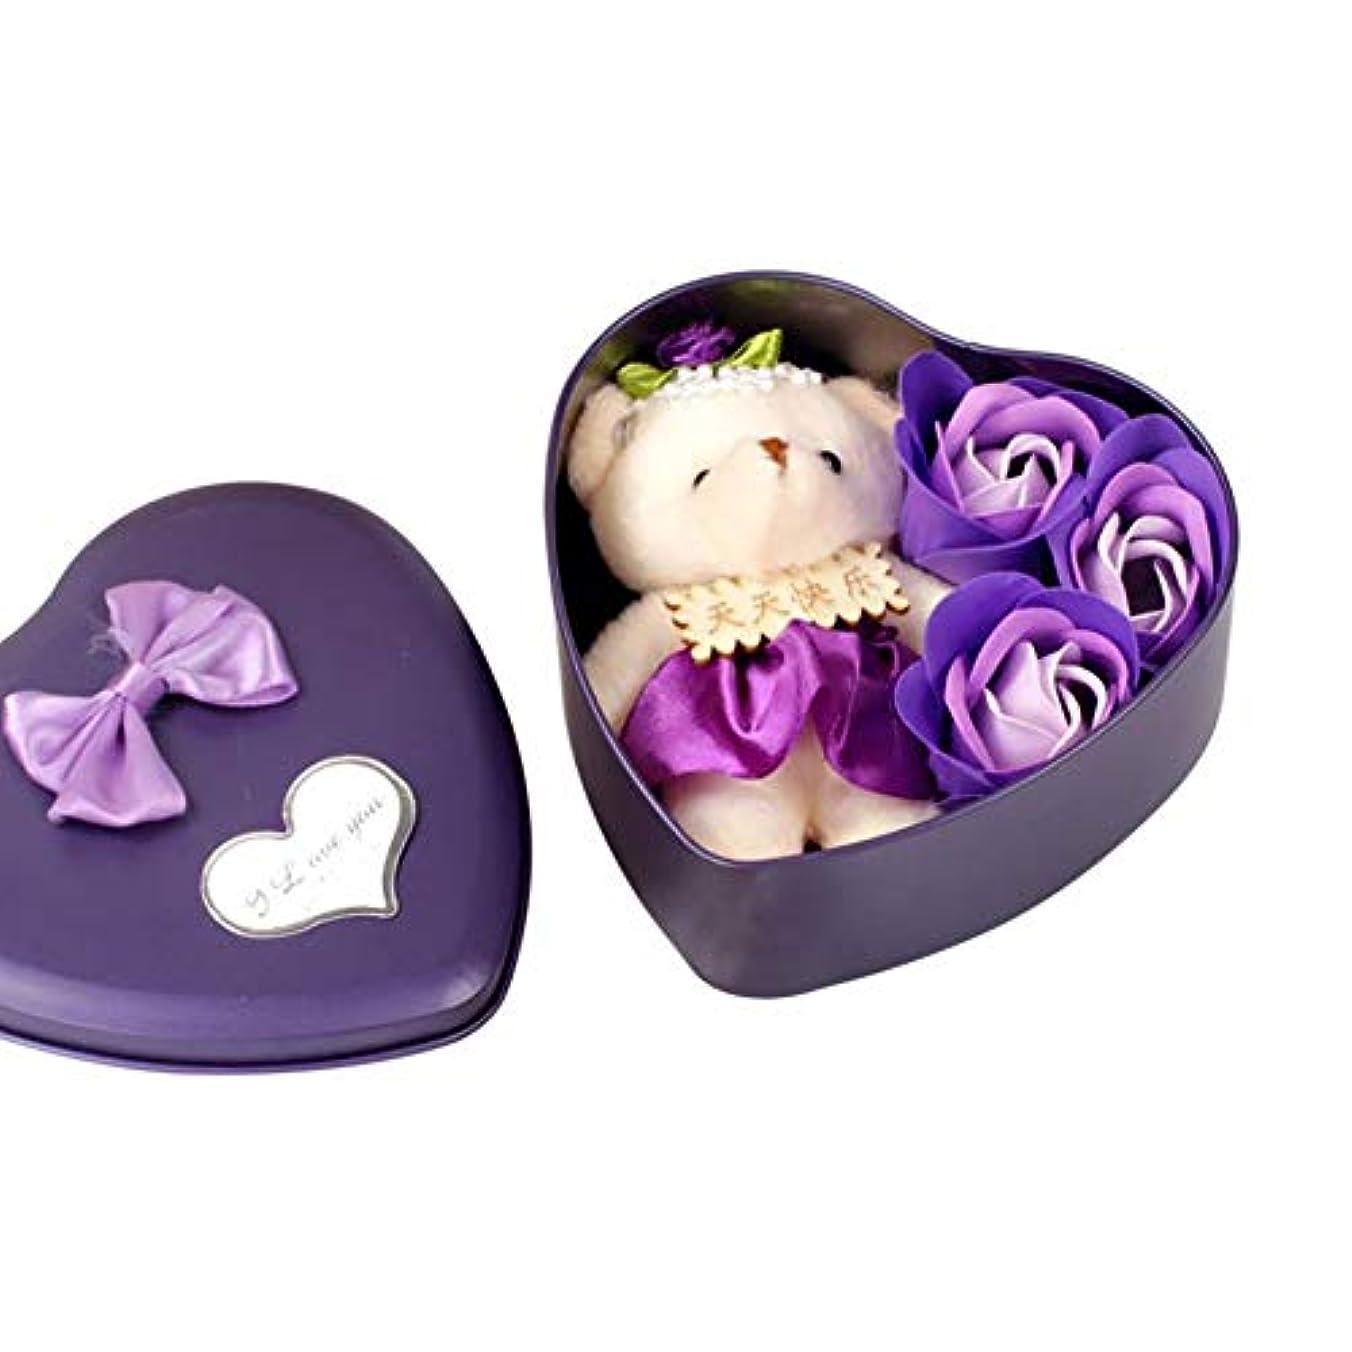 素晴らしきイディオムパイ3個 香り バラの花 花びら ハート形 ギフト ボックス クマ バス ボディソープ ギフト ウェディング パーティー